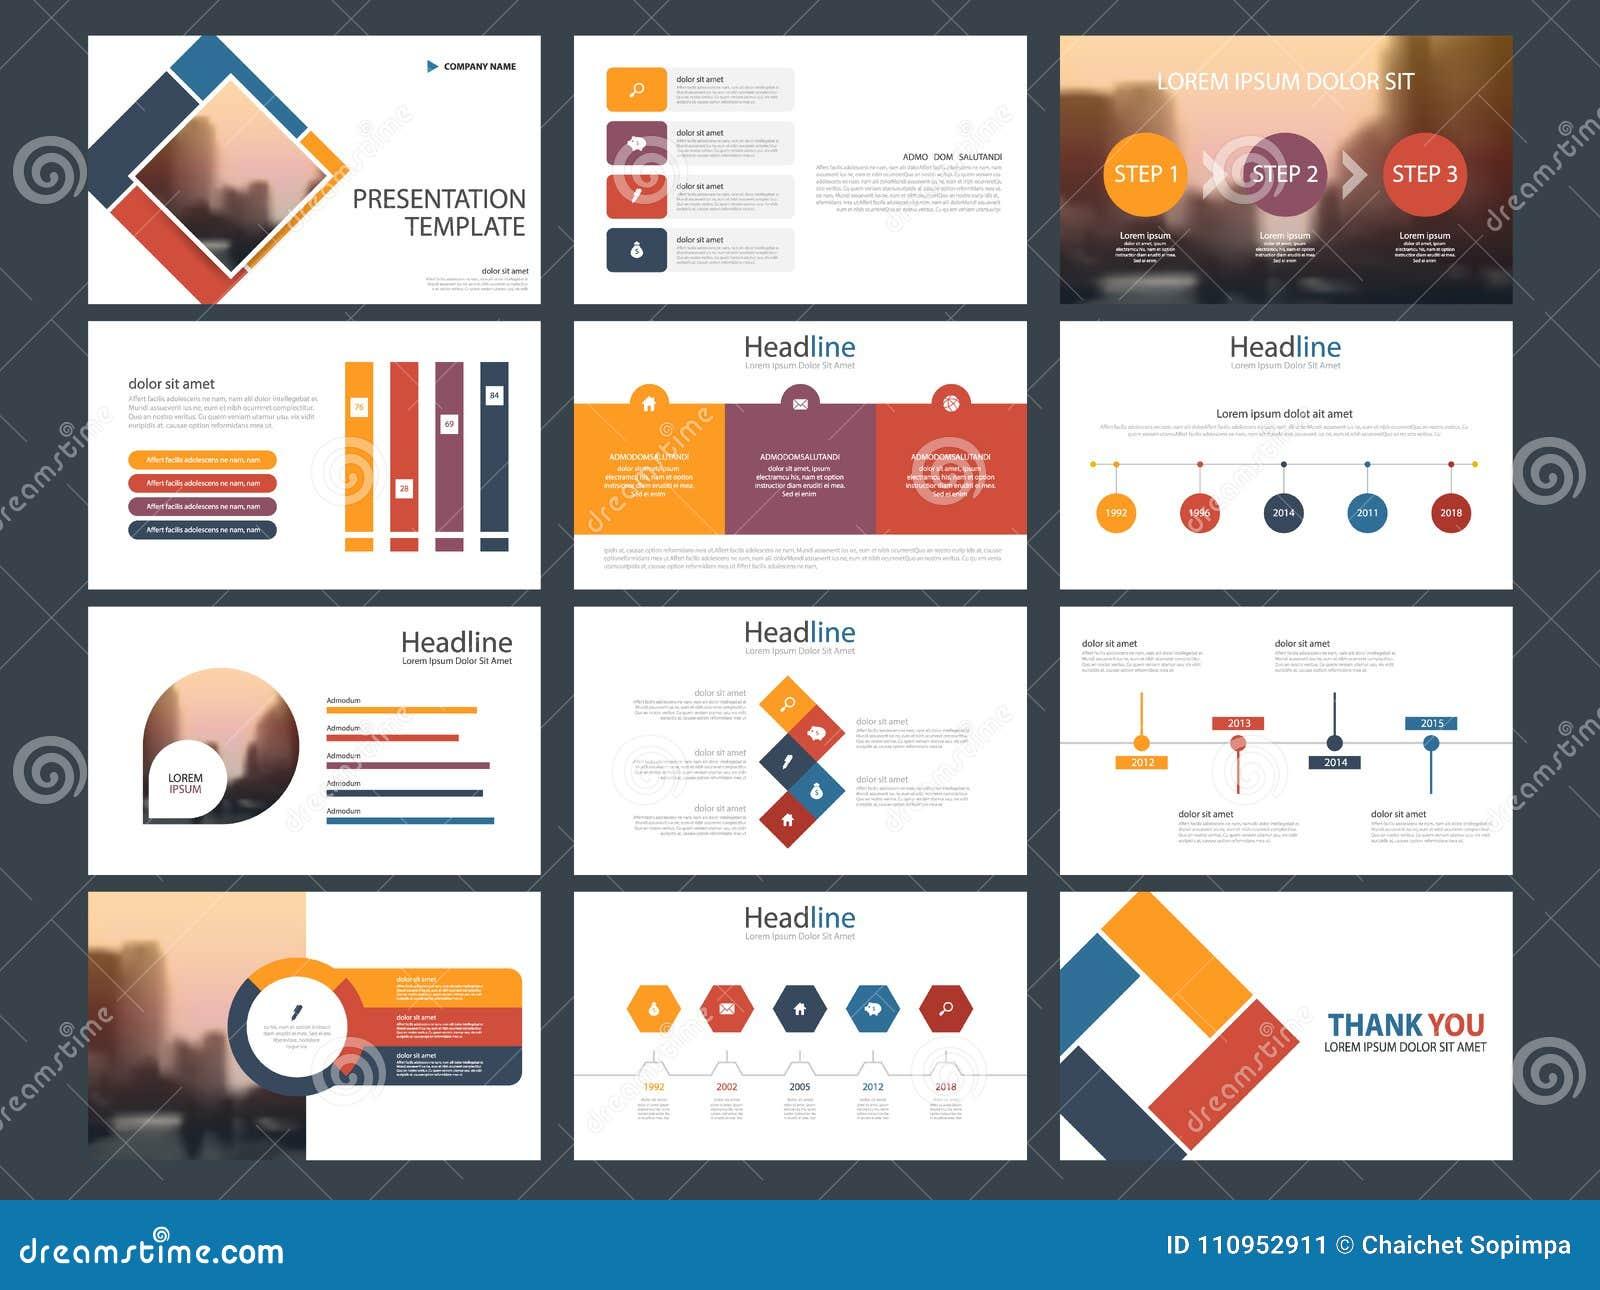 Ζωηρόχρωμο πρότυπο παρουσίασης στοιχείων δεσμών infographic επιχειρησιακή ετήσια έκθεση, φυλλάδιο, φυλλάδιο, ιπτάμενο διαφήμισης,